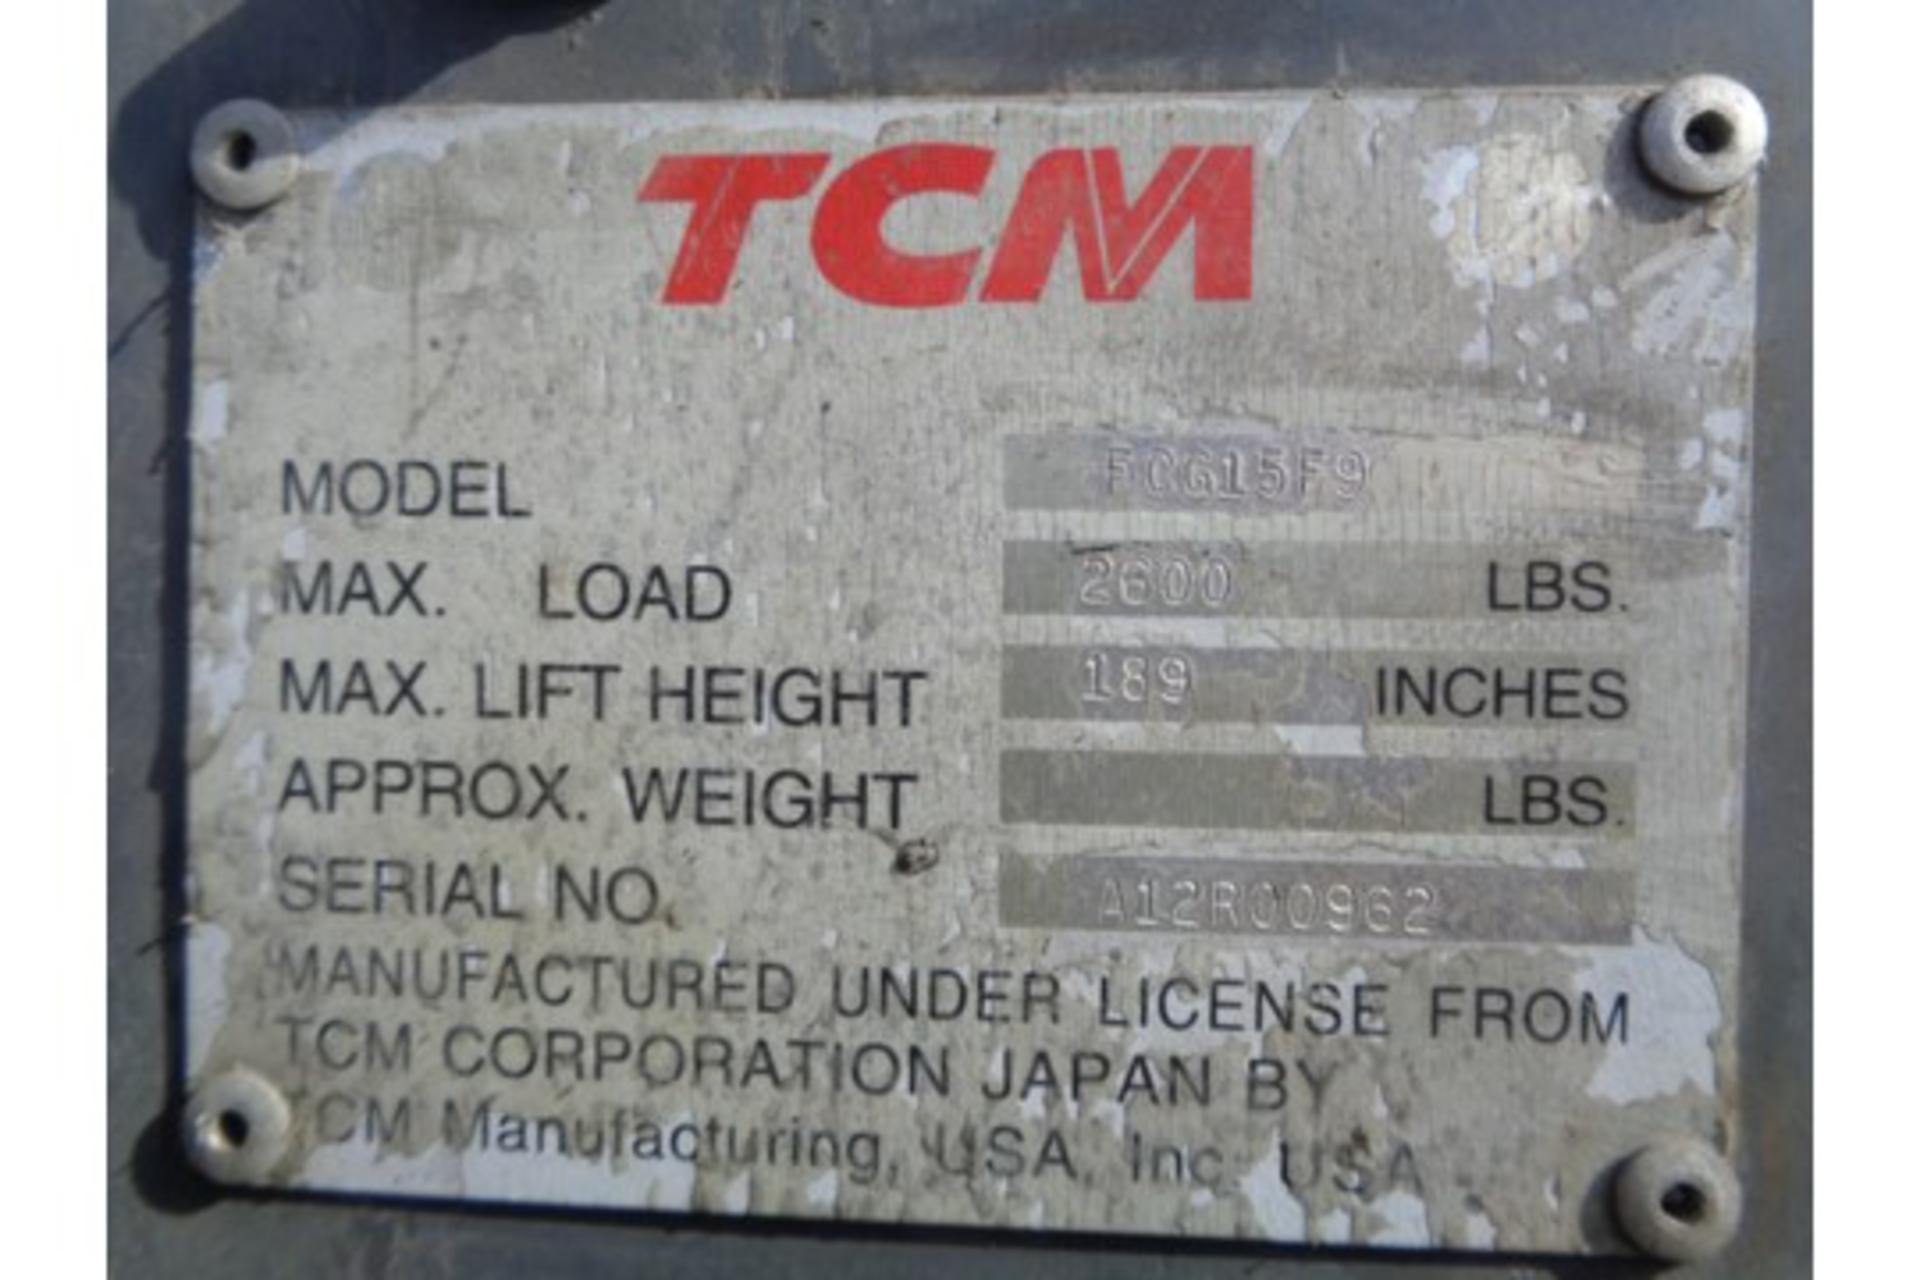 TCM FCG15F9 3,000lb Forklift - Image 16 of 16